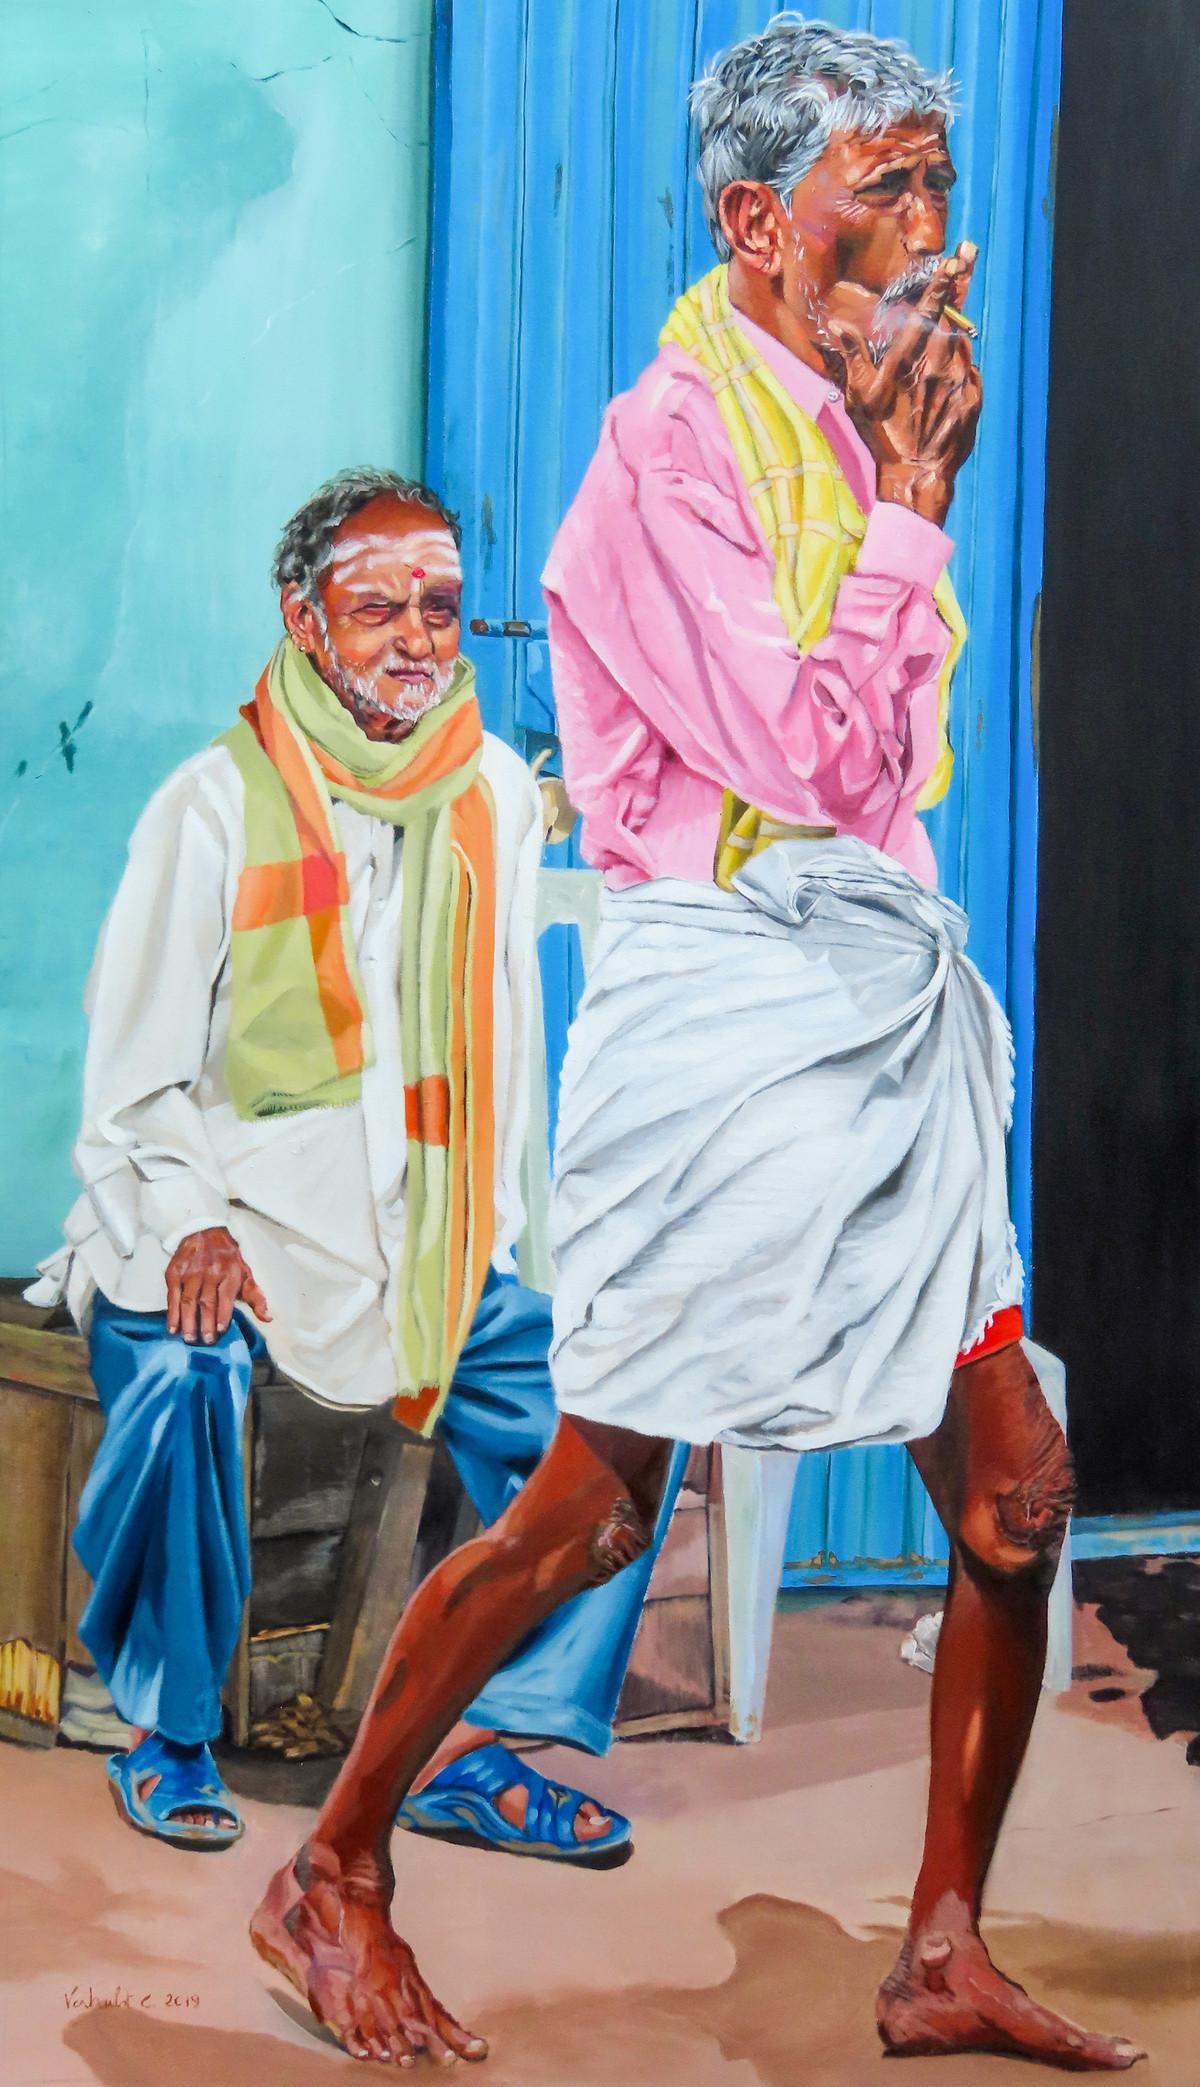 WALKING MAN Digital Print by Carl Verhulst,Pop Art